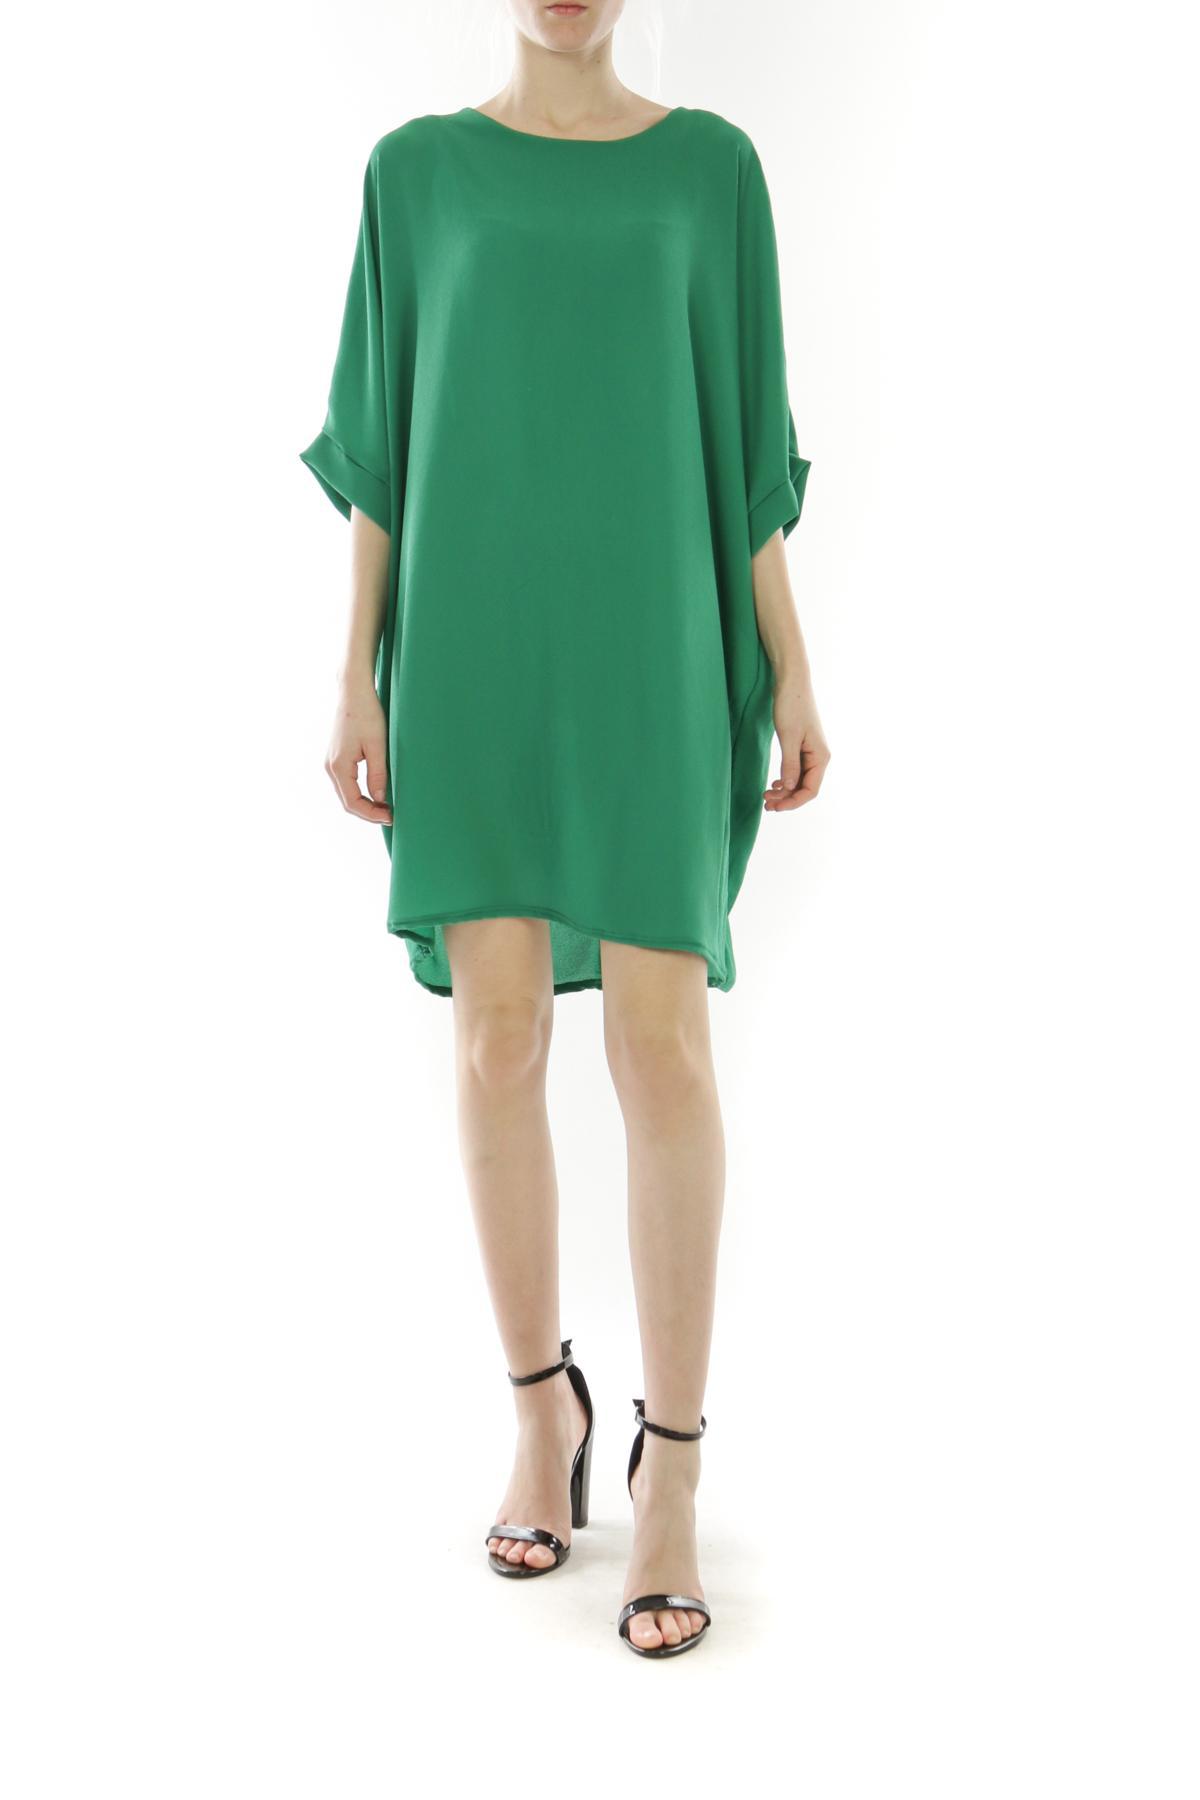 Robes courtes Femme 0643-VERT Medi Mode